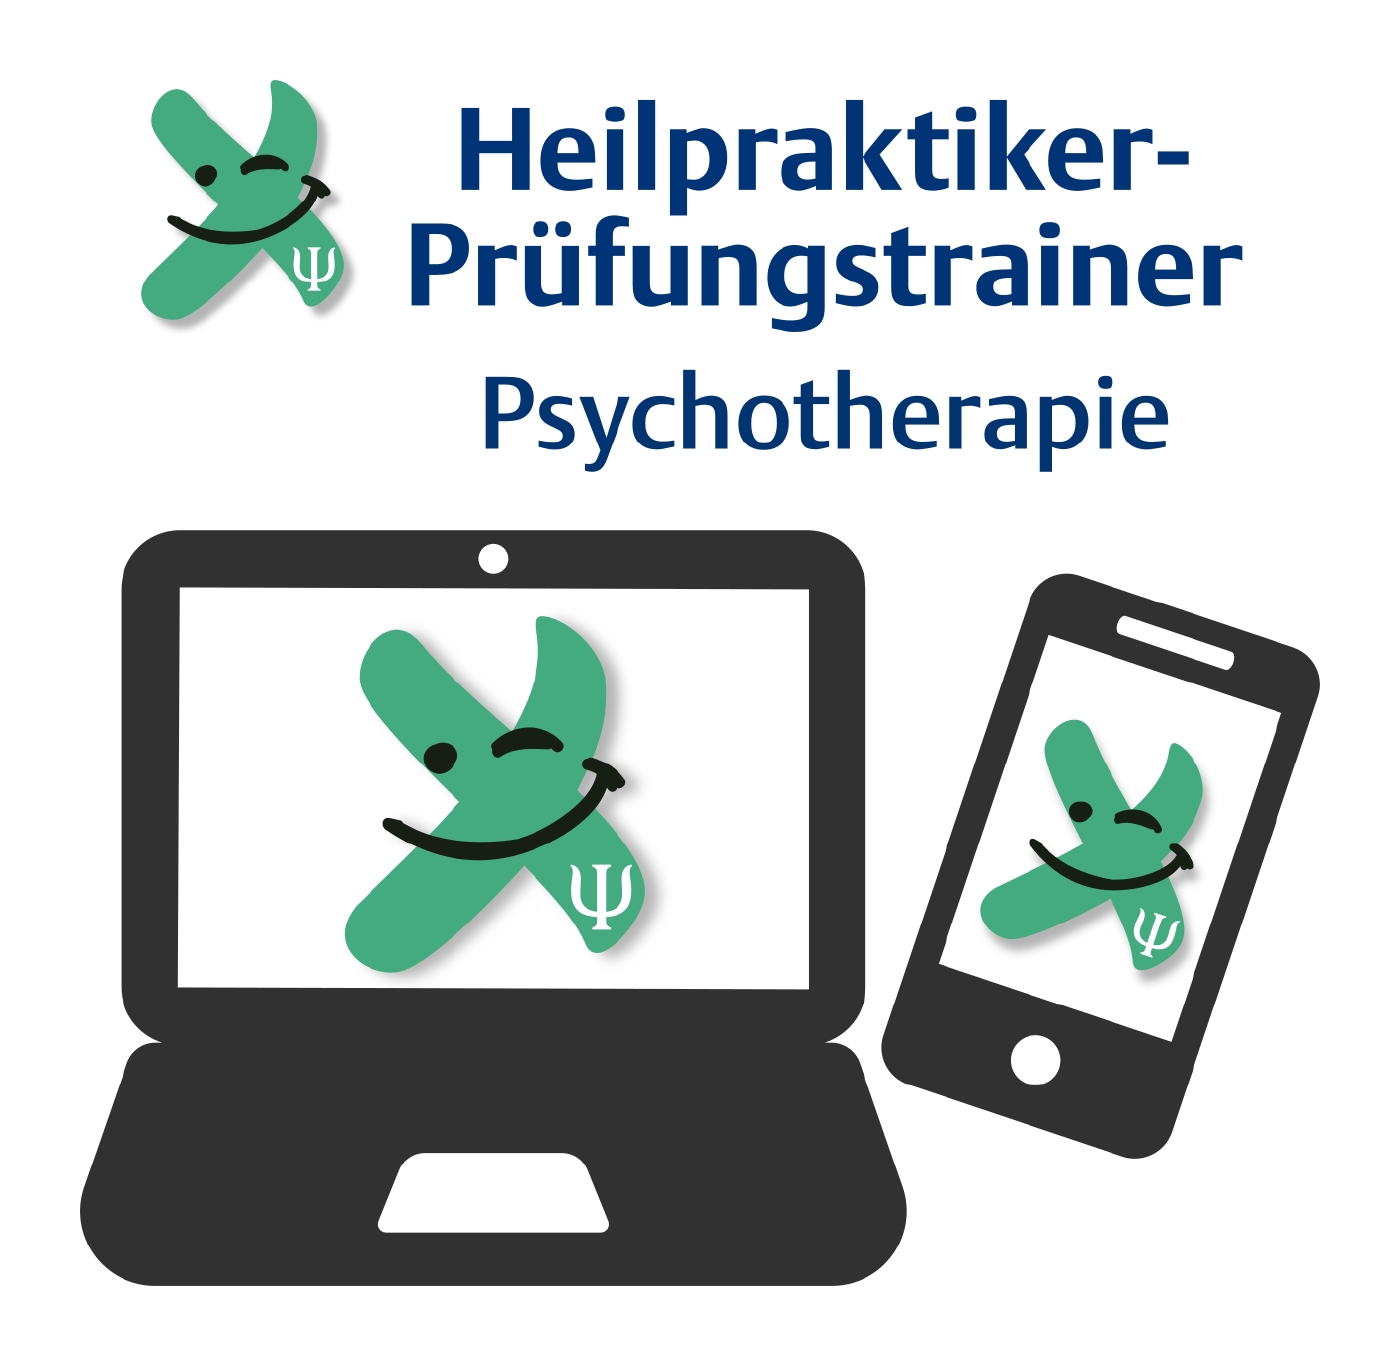 Heilpraktiker Prüfungstrainer Psychotherapie 12 Monate